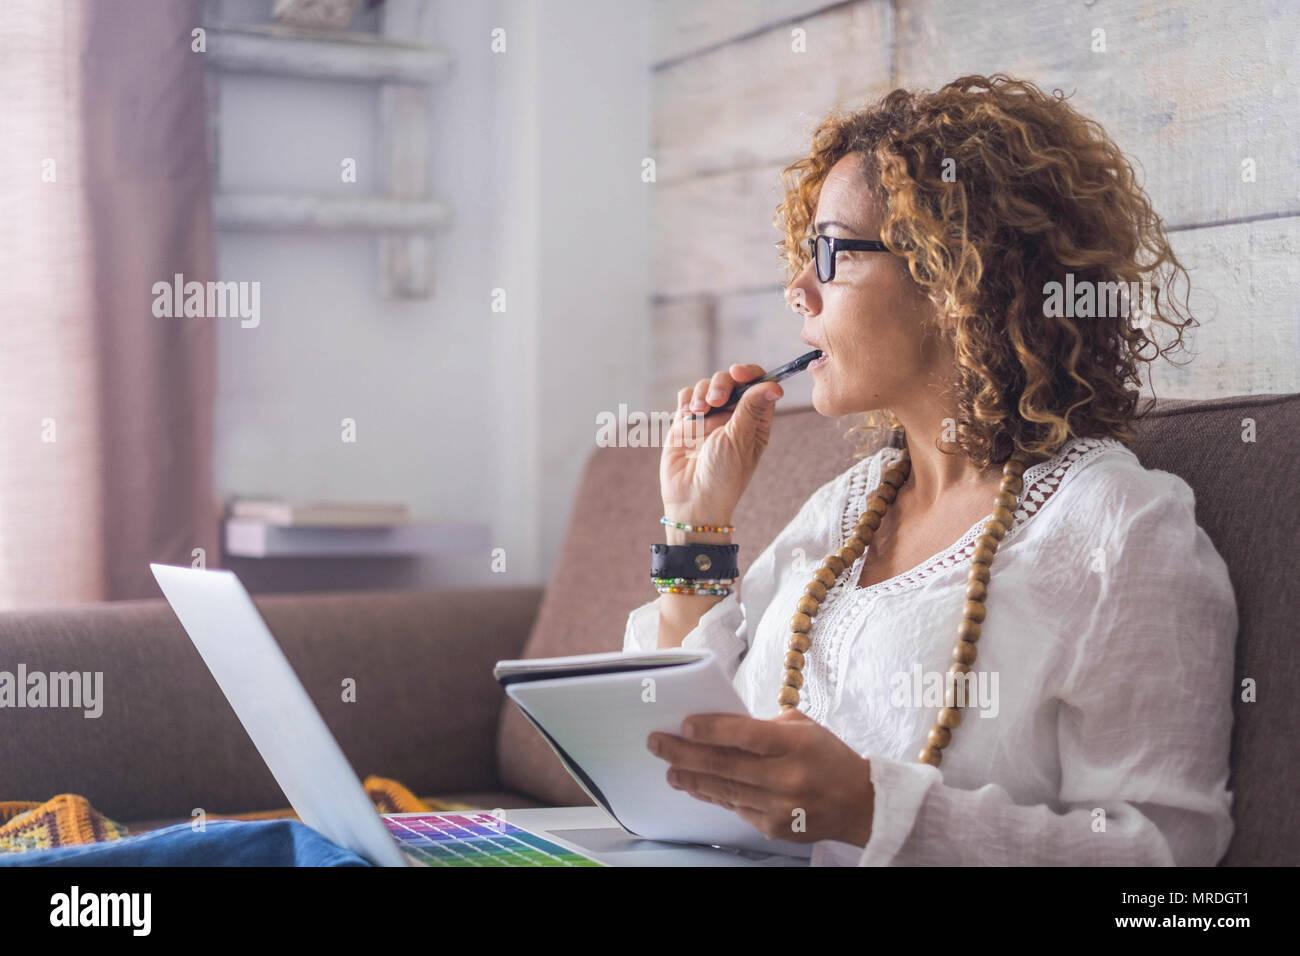 Schöne Frau denken und schreiben Notizen auf Papier, die an einem Notebook arbeitet Freiheit von Büro zu Hause. alternativen Lebensstil und auf zu arbeiten. Schönes Leben Stockbild